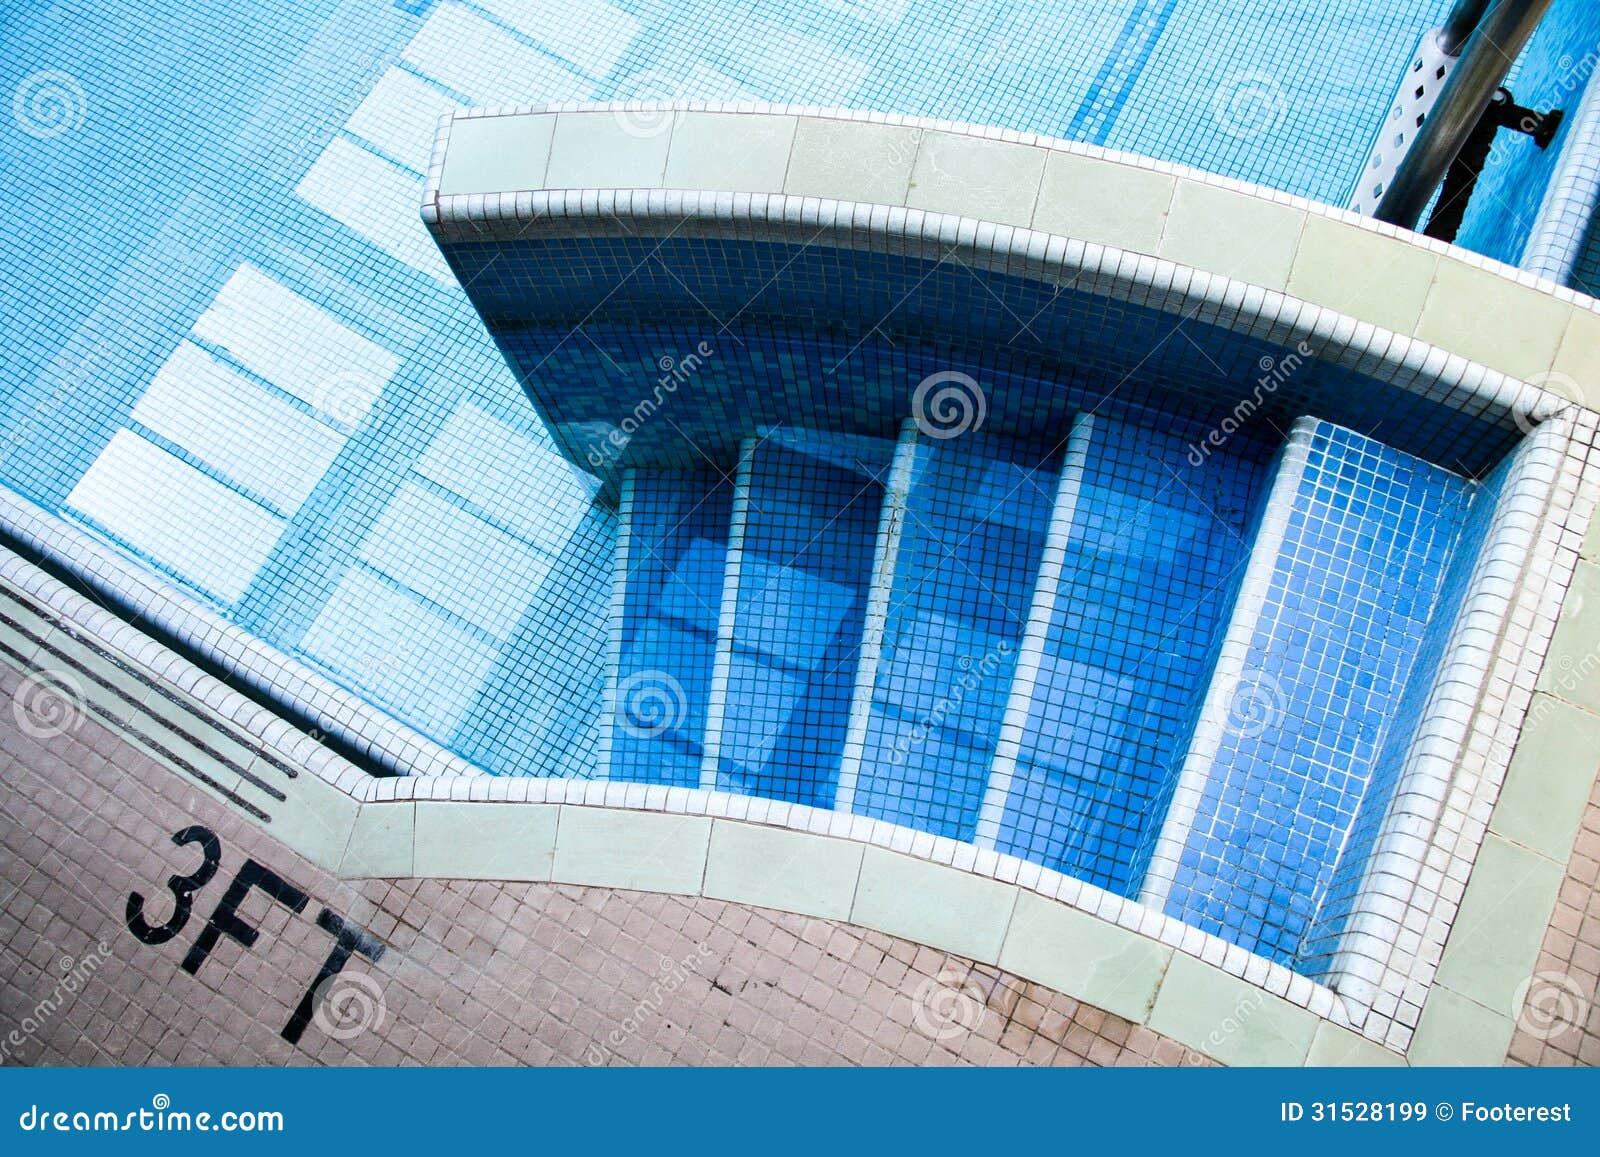 pool treppe lizenzfreie stockbilder bild 31528199. Black Bedroom Furniture Sets. Home Design Ideas